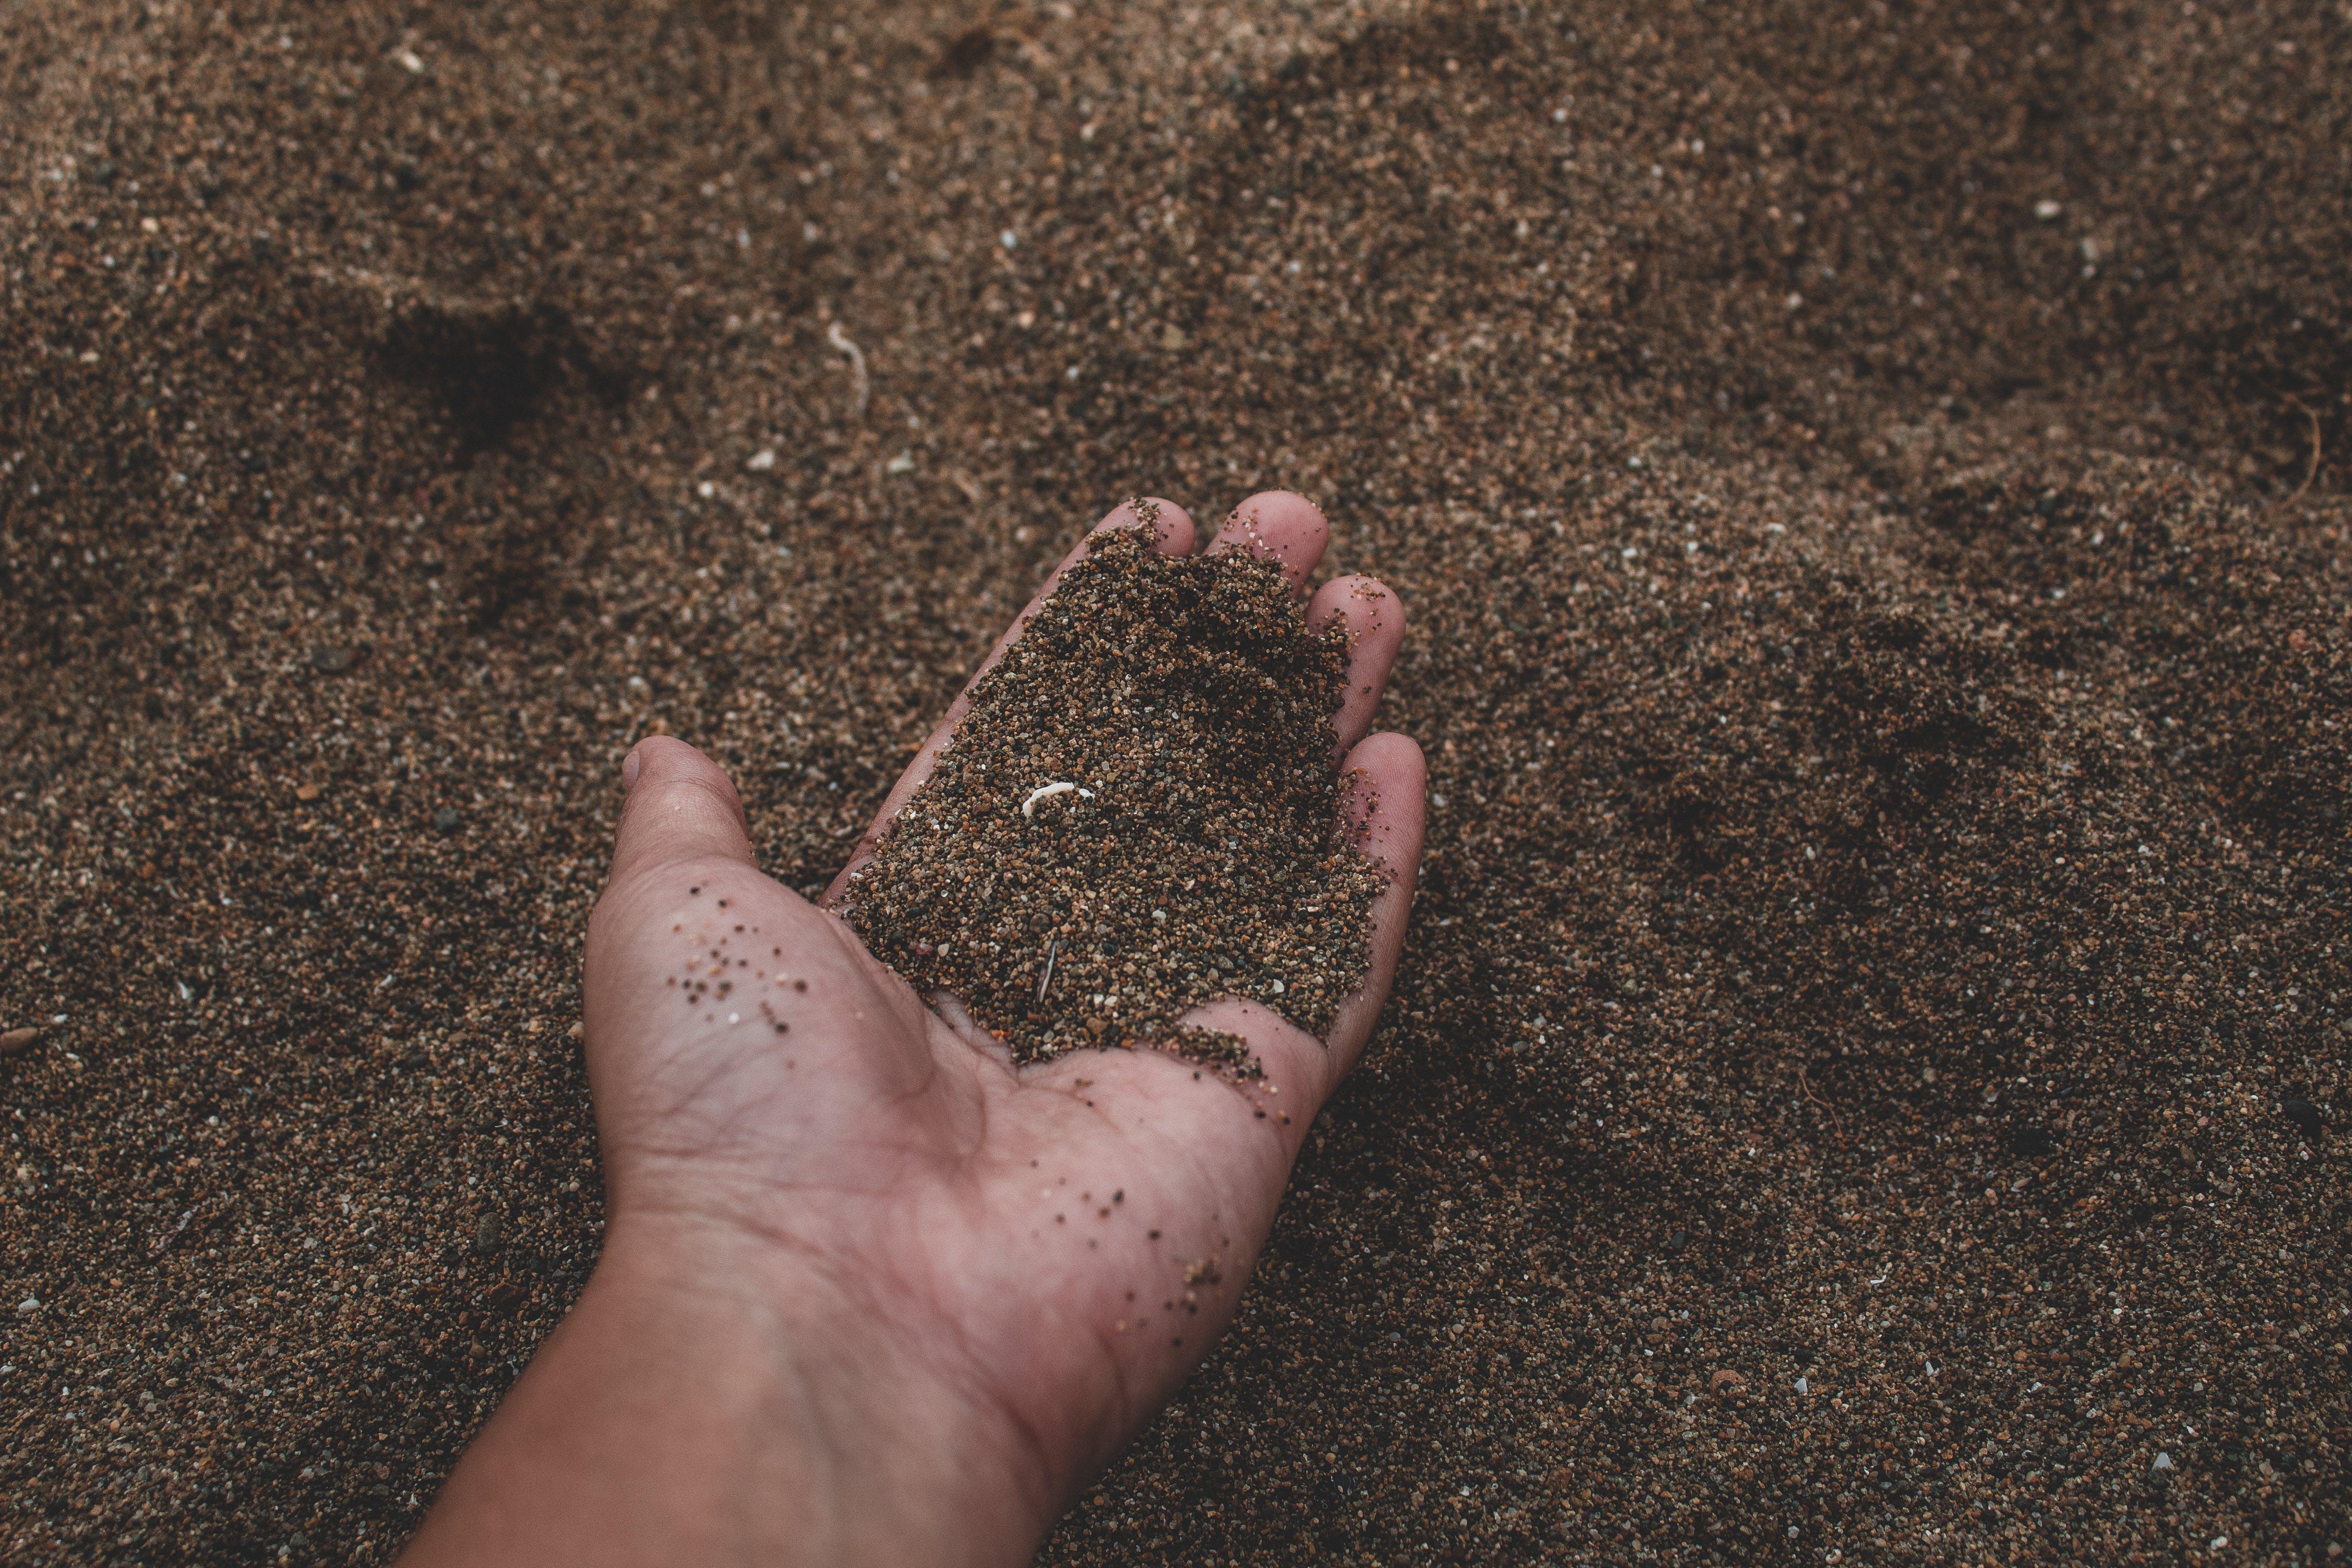 4k 바탕화면, HD 바탕화면, 땅, 모래의 무료 스톡 사진